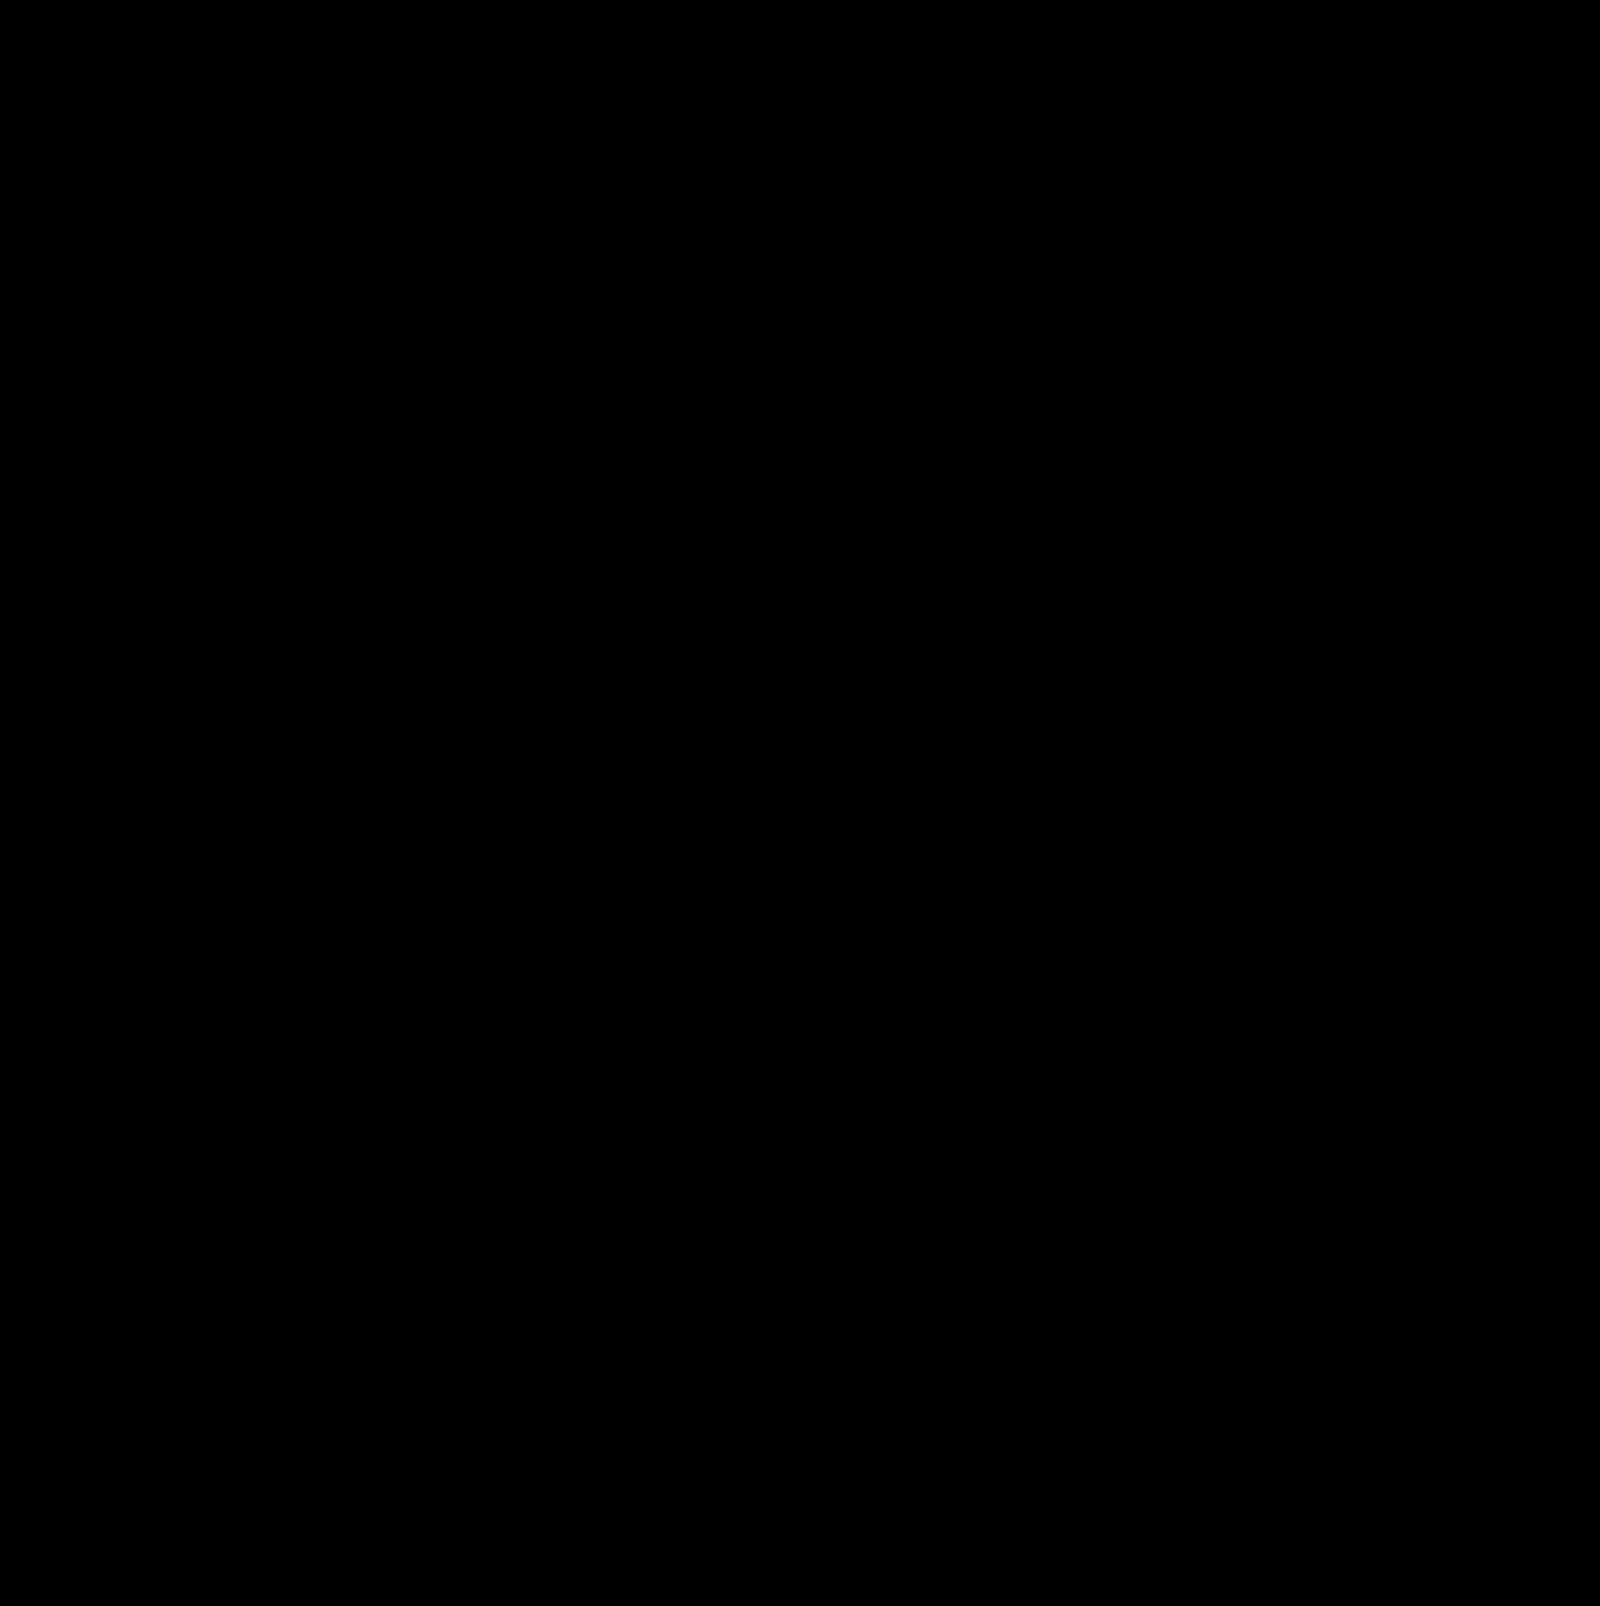 La chute – Huile sur papier marouflé sur toile 115×115 cm 2014